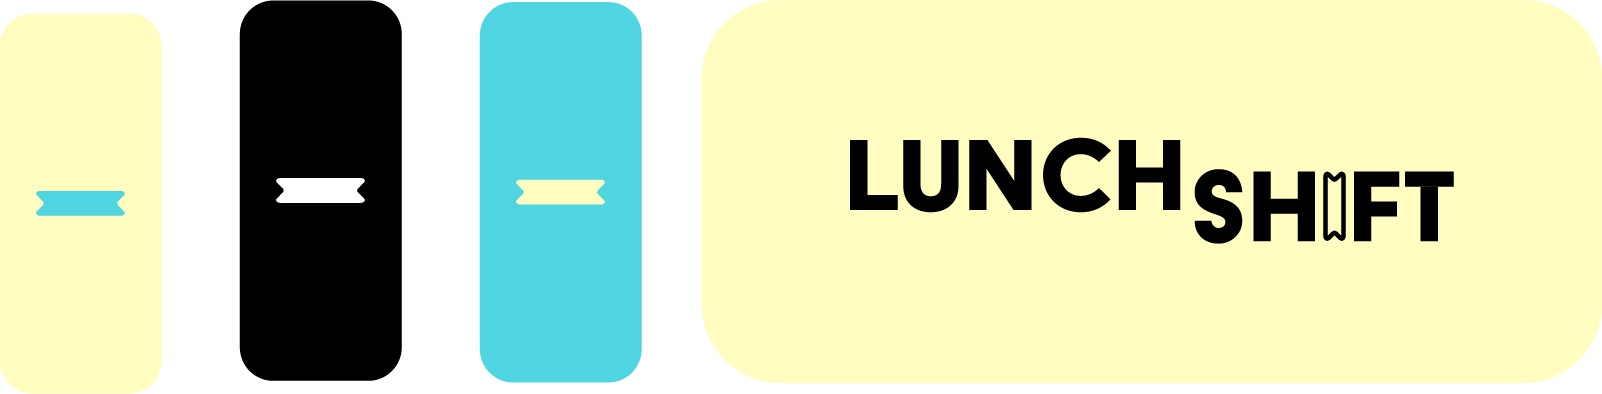 LunchShift_Branding_Lentz_170501.jpg